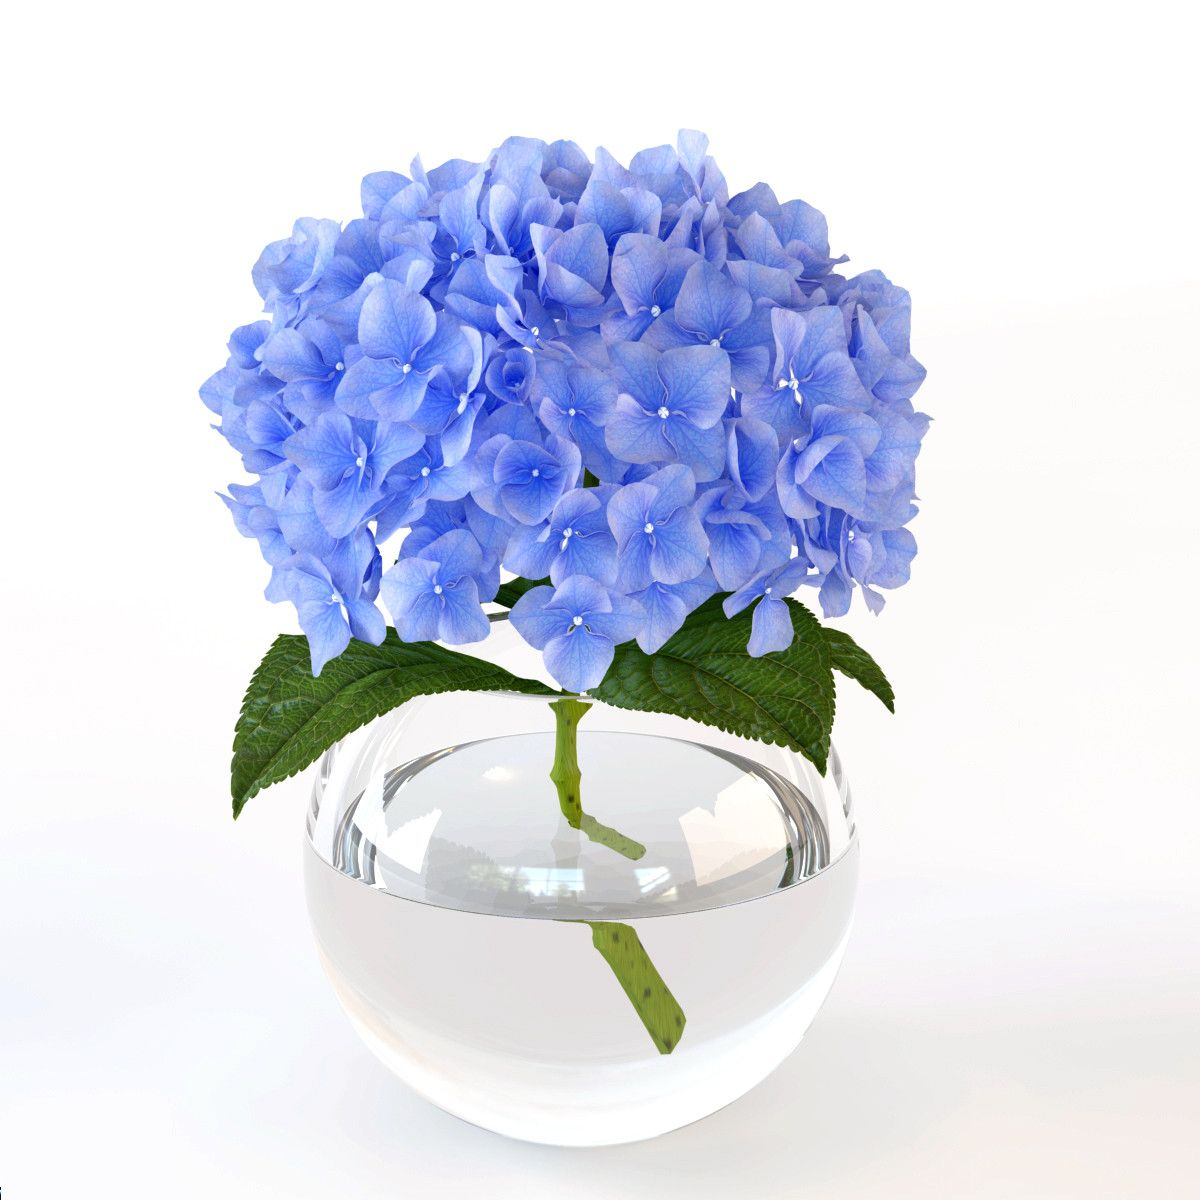 Открытки с синими цветами фото, открытку деньгами трудоголик